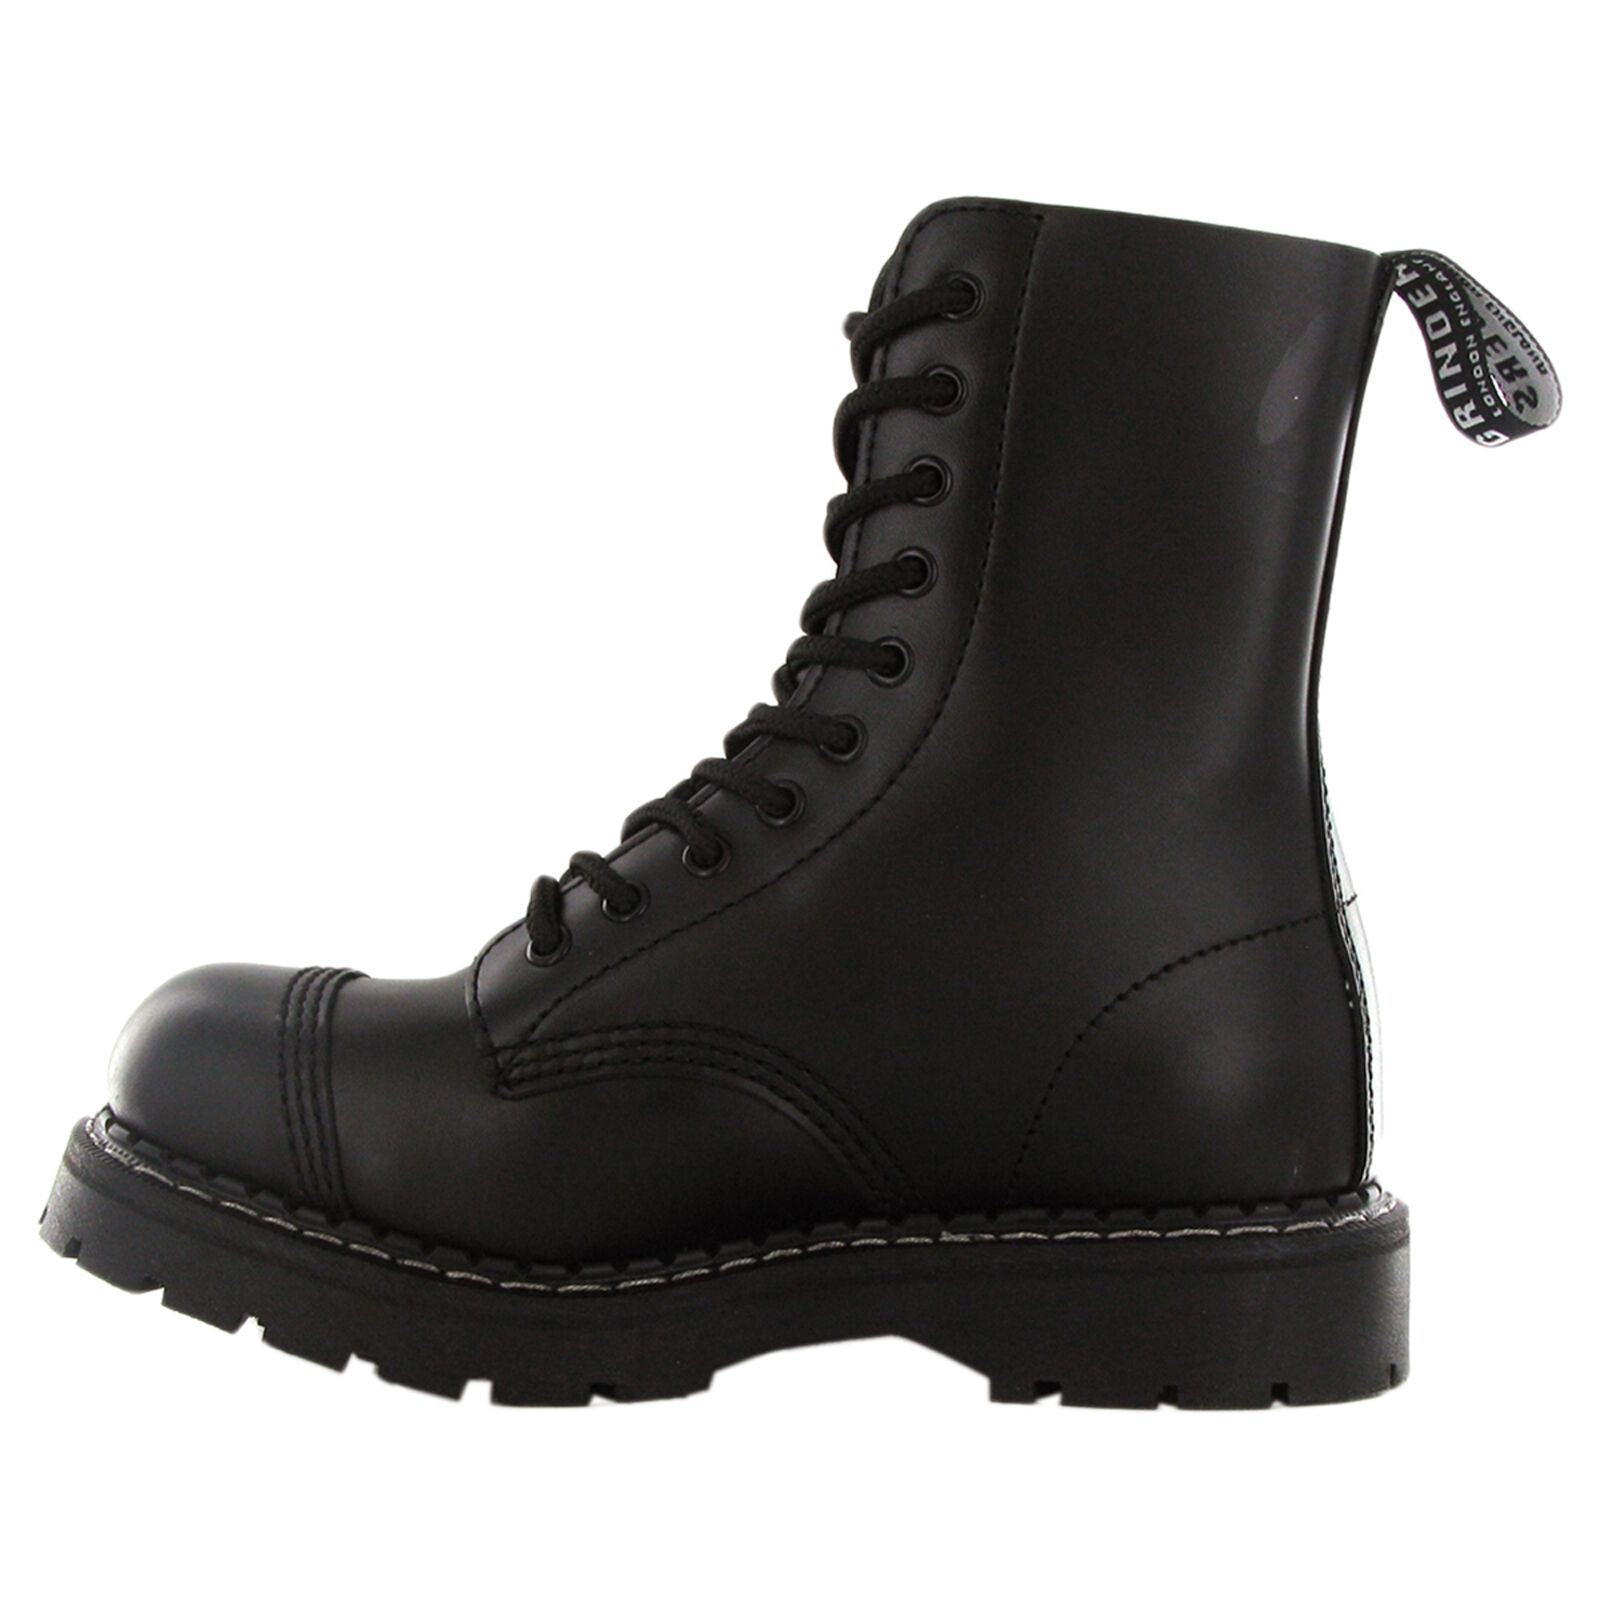 b71ea9ef1 Para mujers Para mujeres de Grinders Stag Negro Cuero con Cordones de botas  de uniforme de